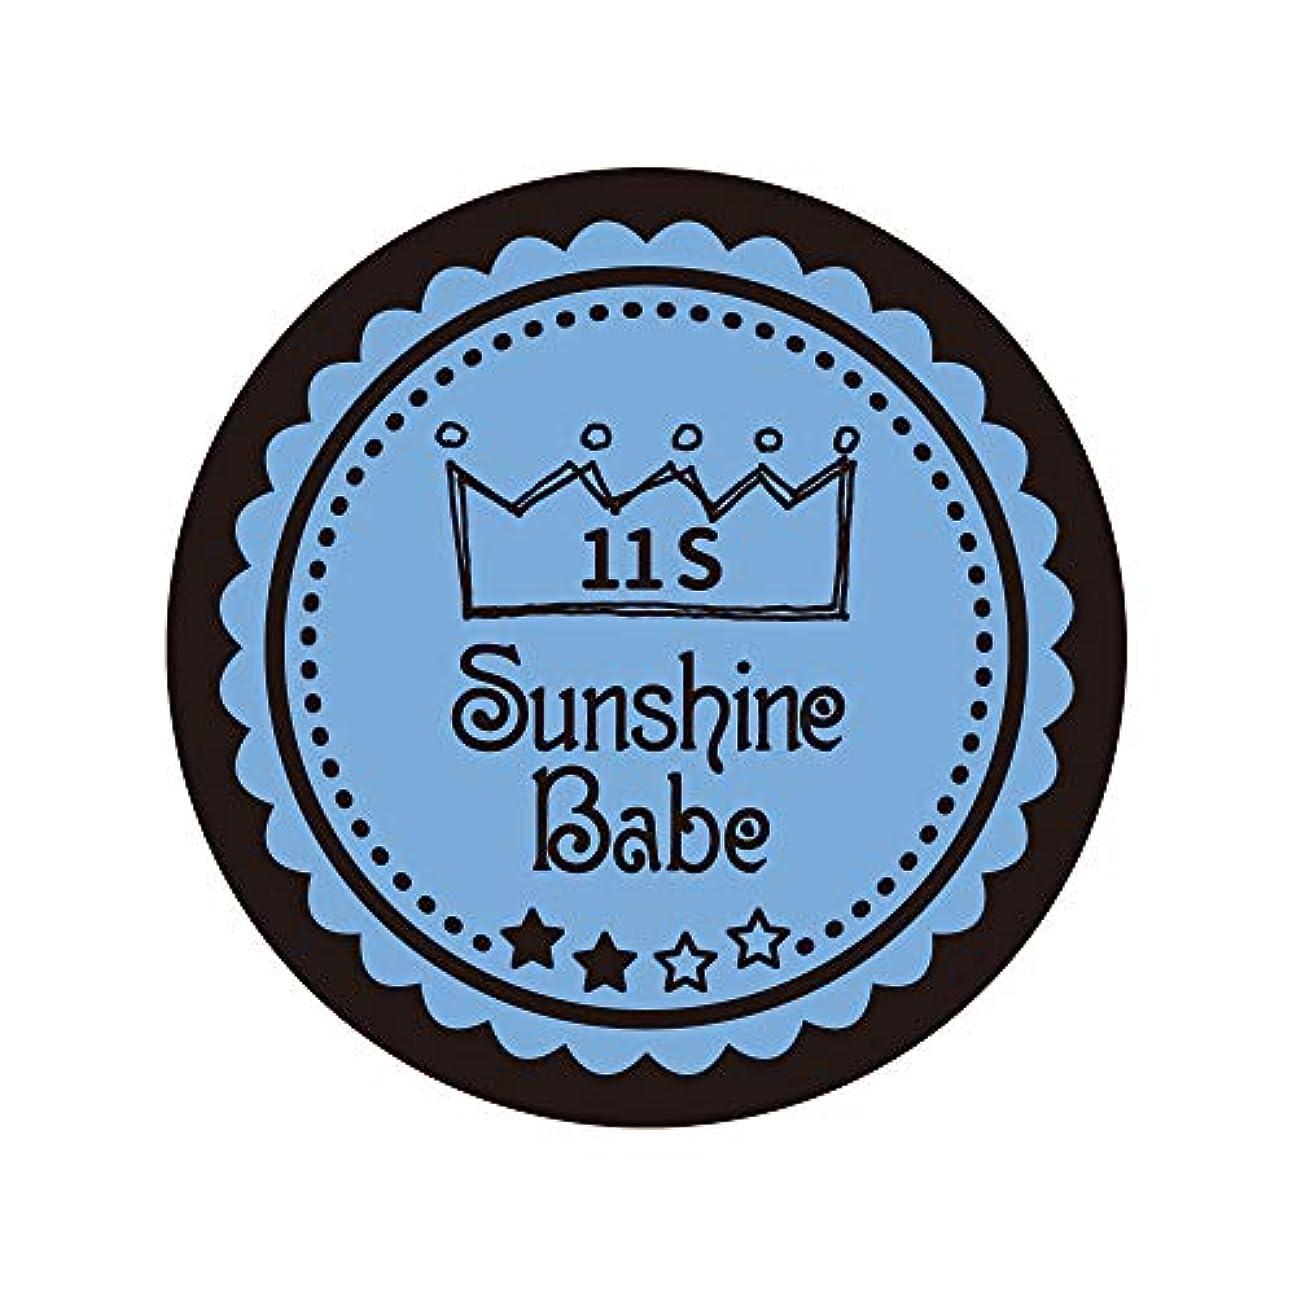 従順なネックレスマイルSunshine Babe コスメティックカラー 11S リトルボーイブルー 4g UV/LED対応